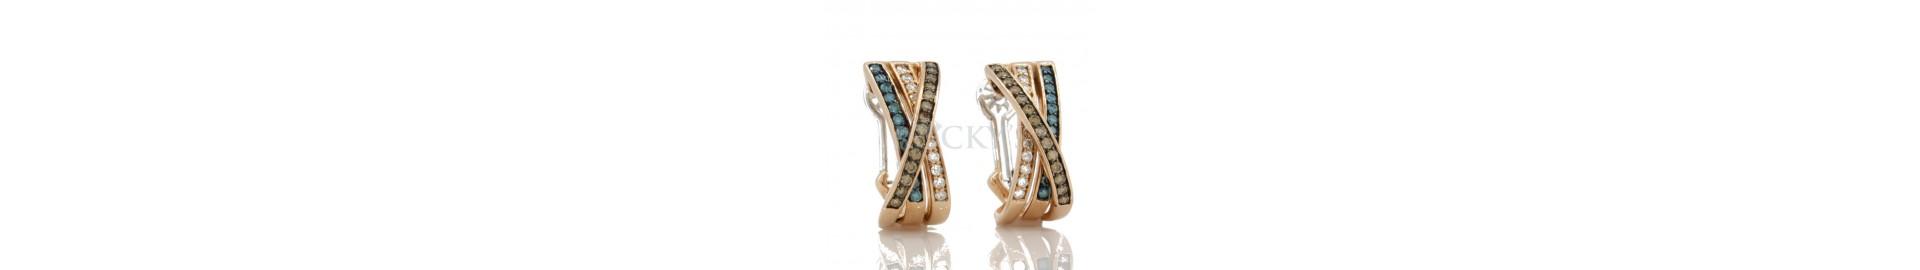 Buy Online Earnings  From Rocky's Diamond Gallery Cayman